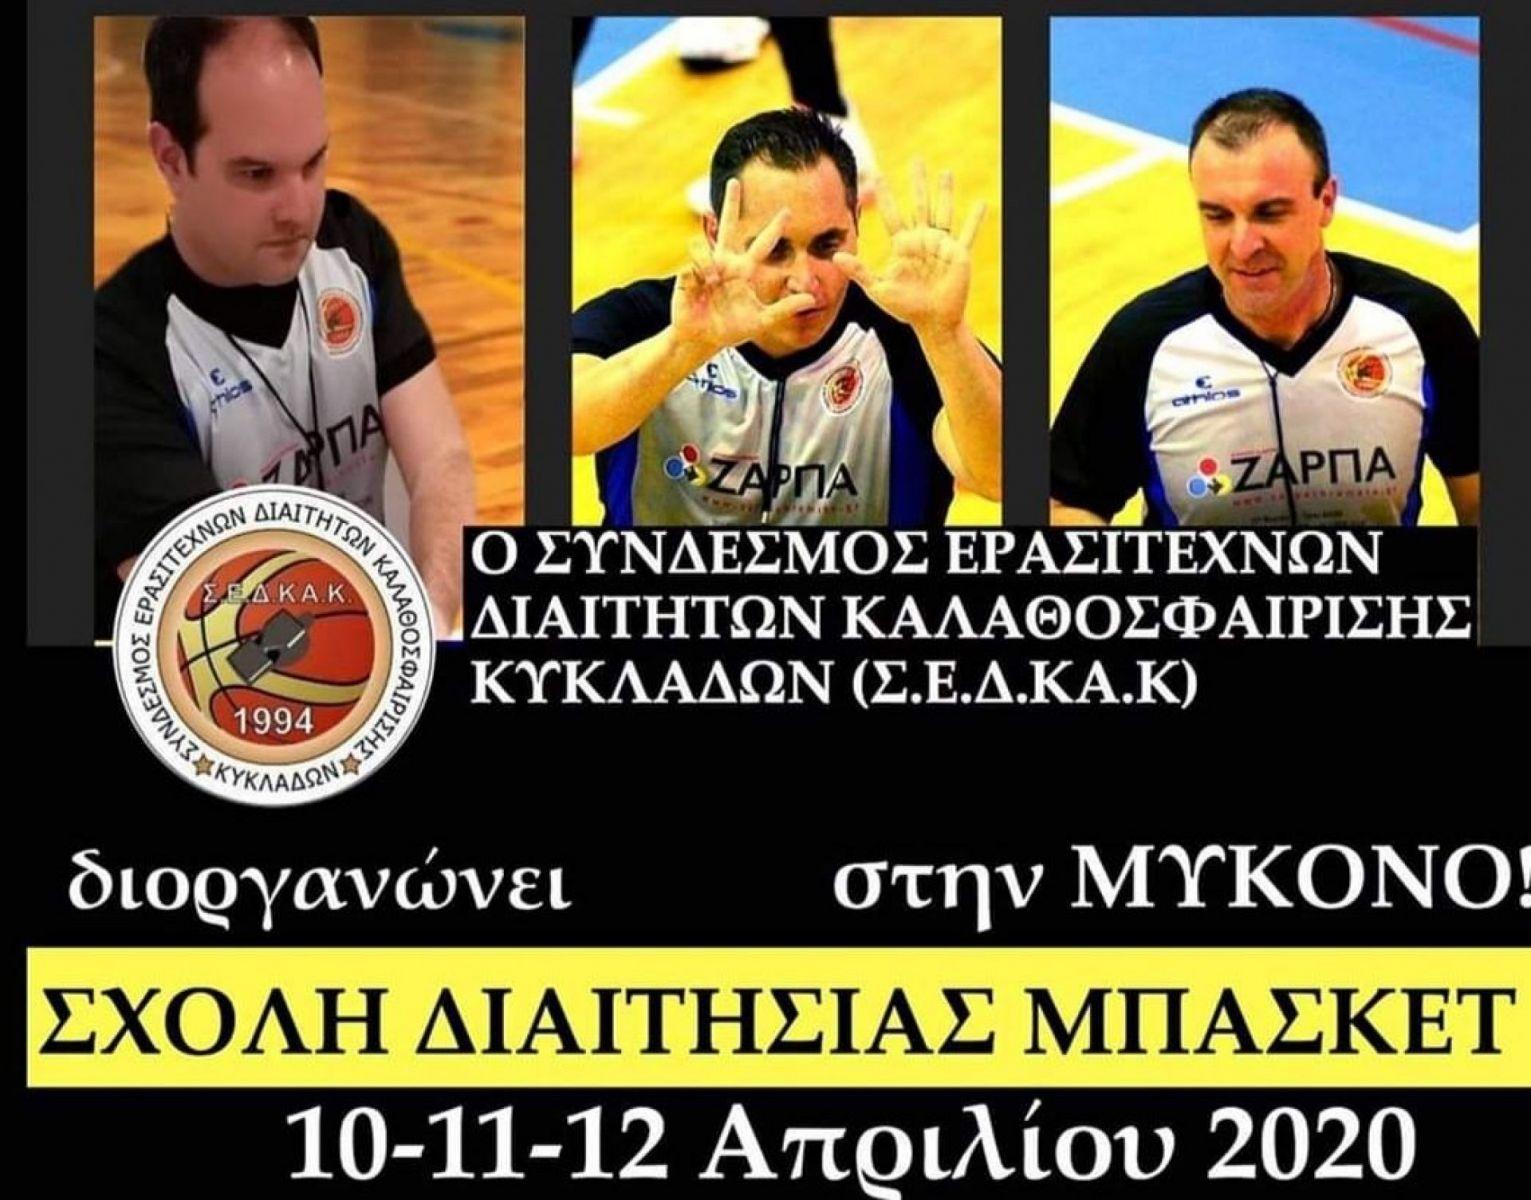 Σχολή διαιτητών Μπάσκετ στη Μύκονο